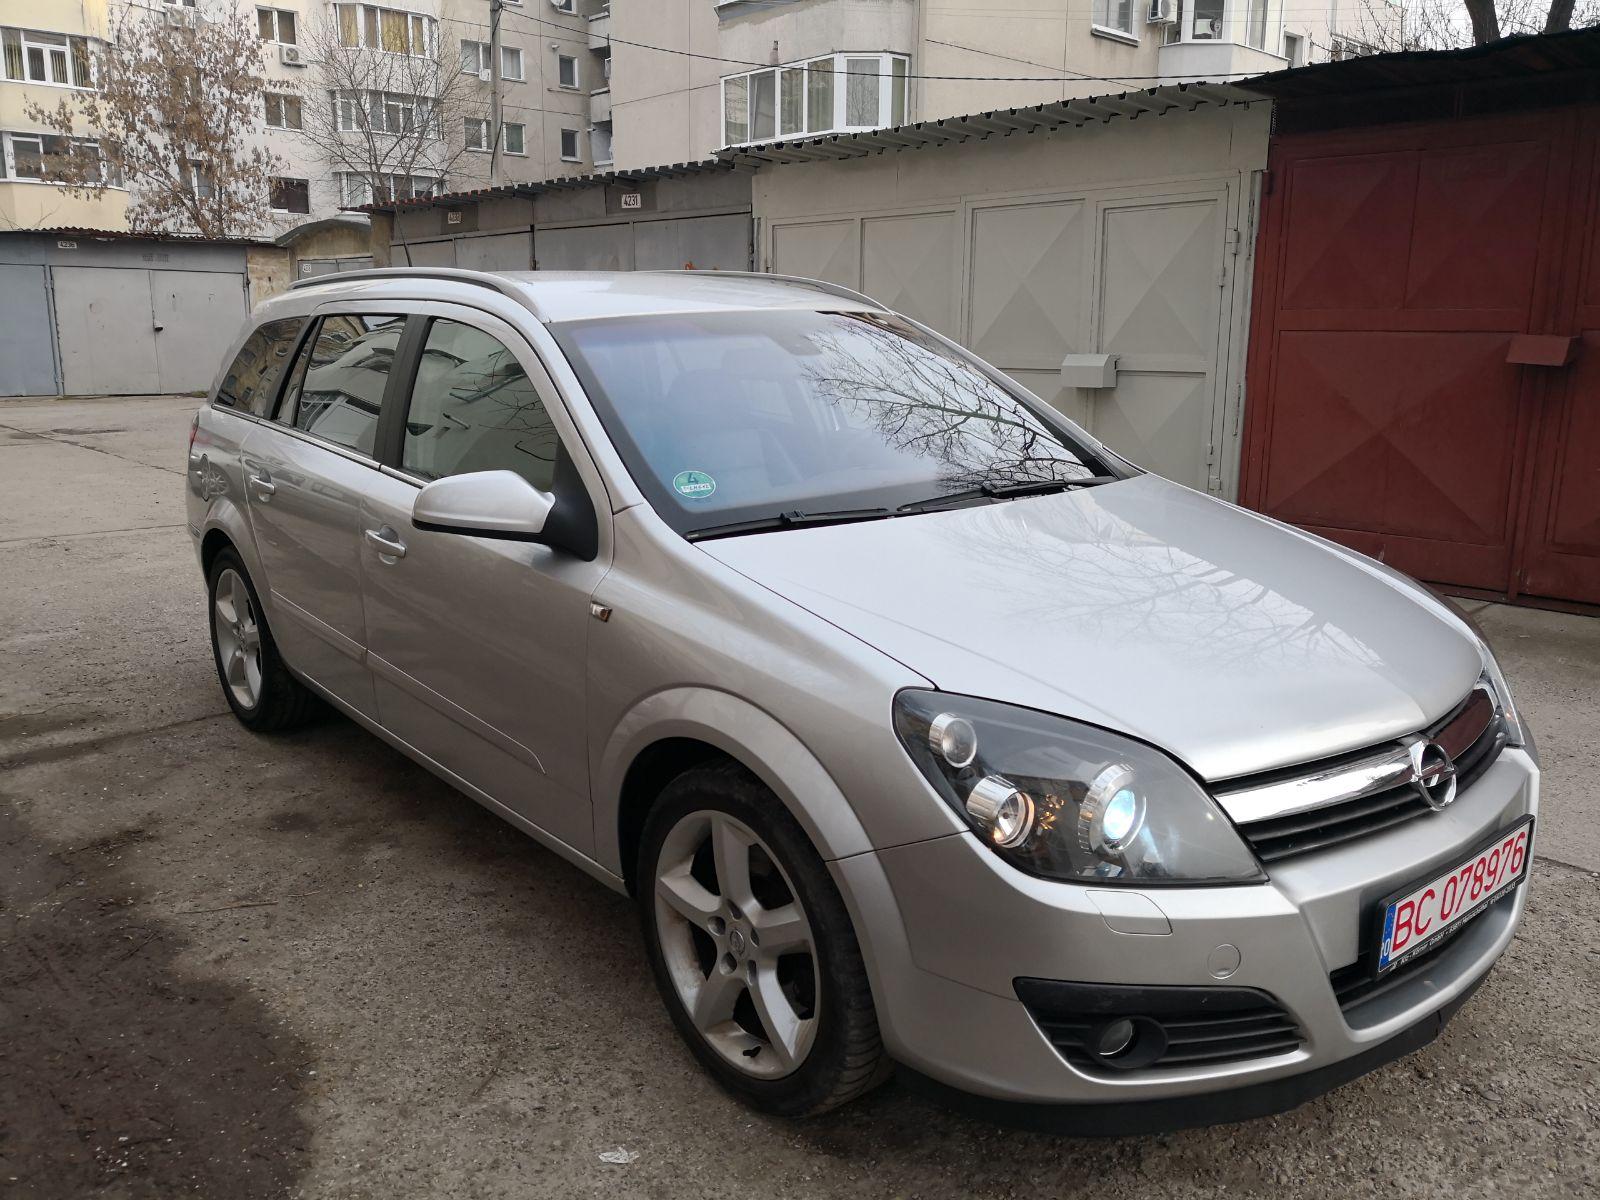 Opel Astra H 1.9 CDTI Cosmo 150 CP XENON, NAVI , PIELE – 3.490 EURO on